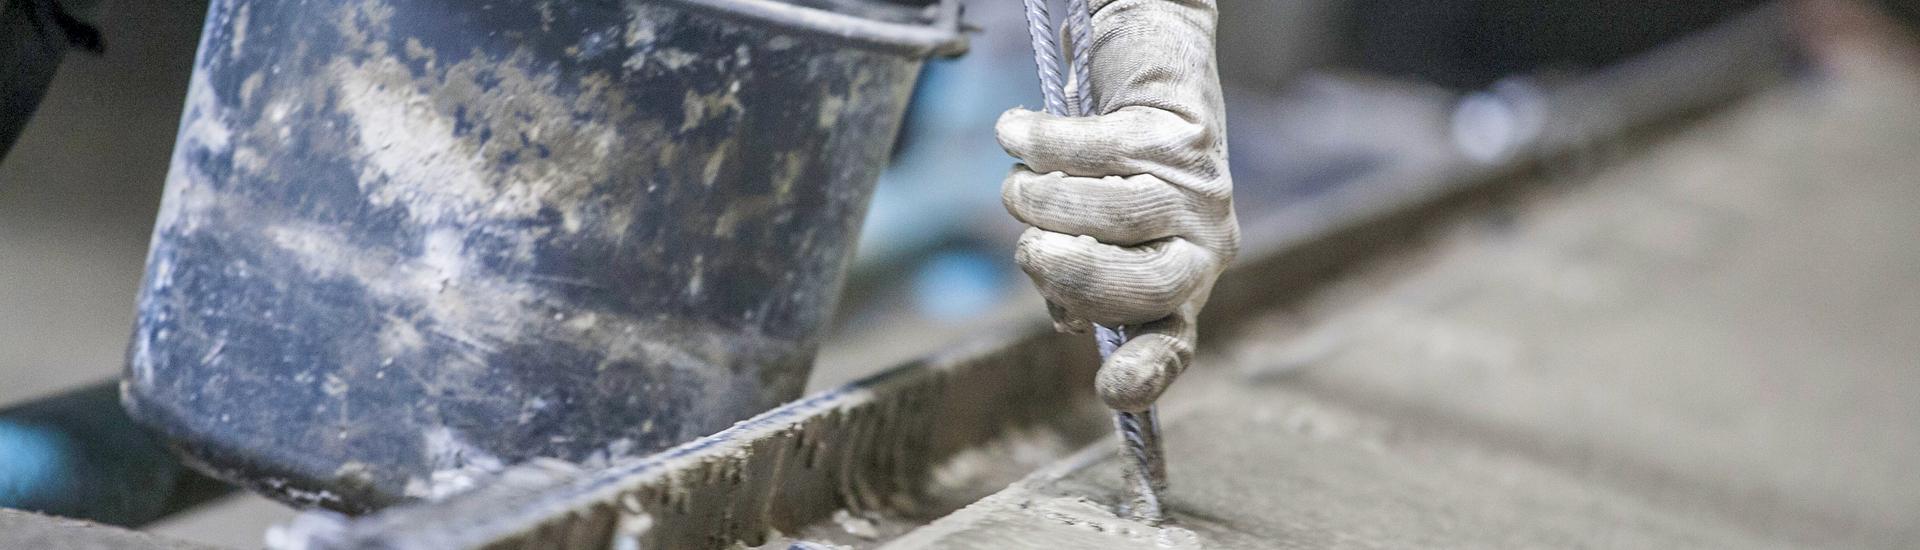 Výroba (kompletace, betonáž)